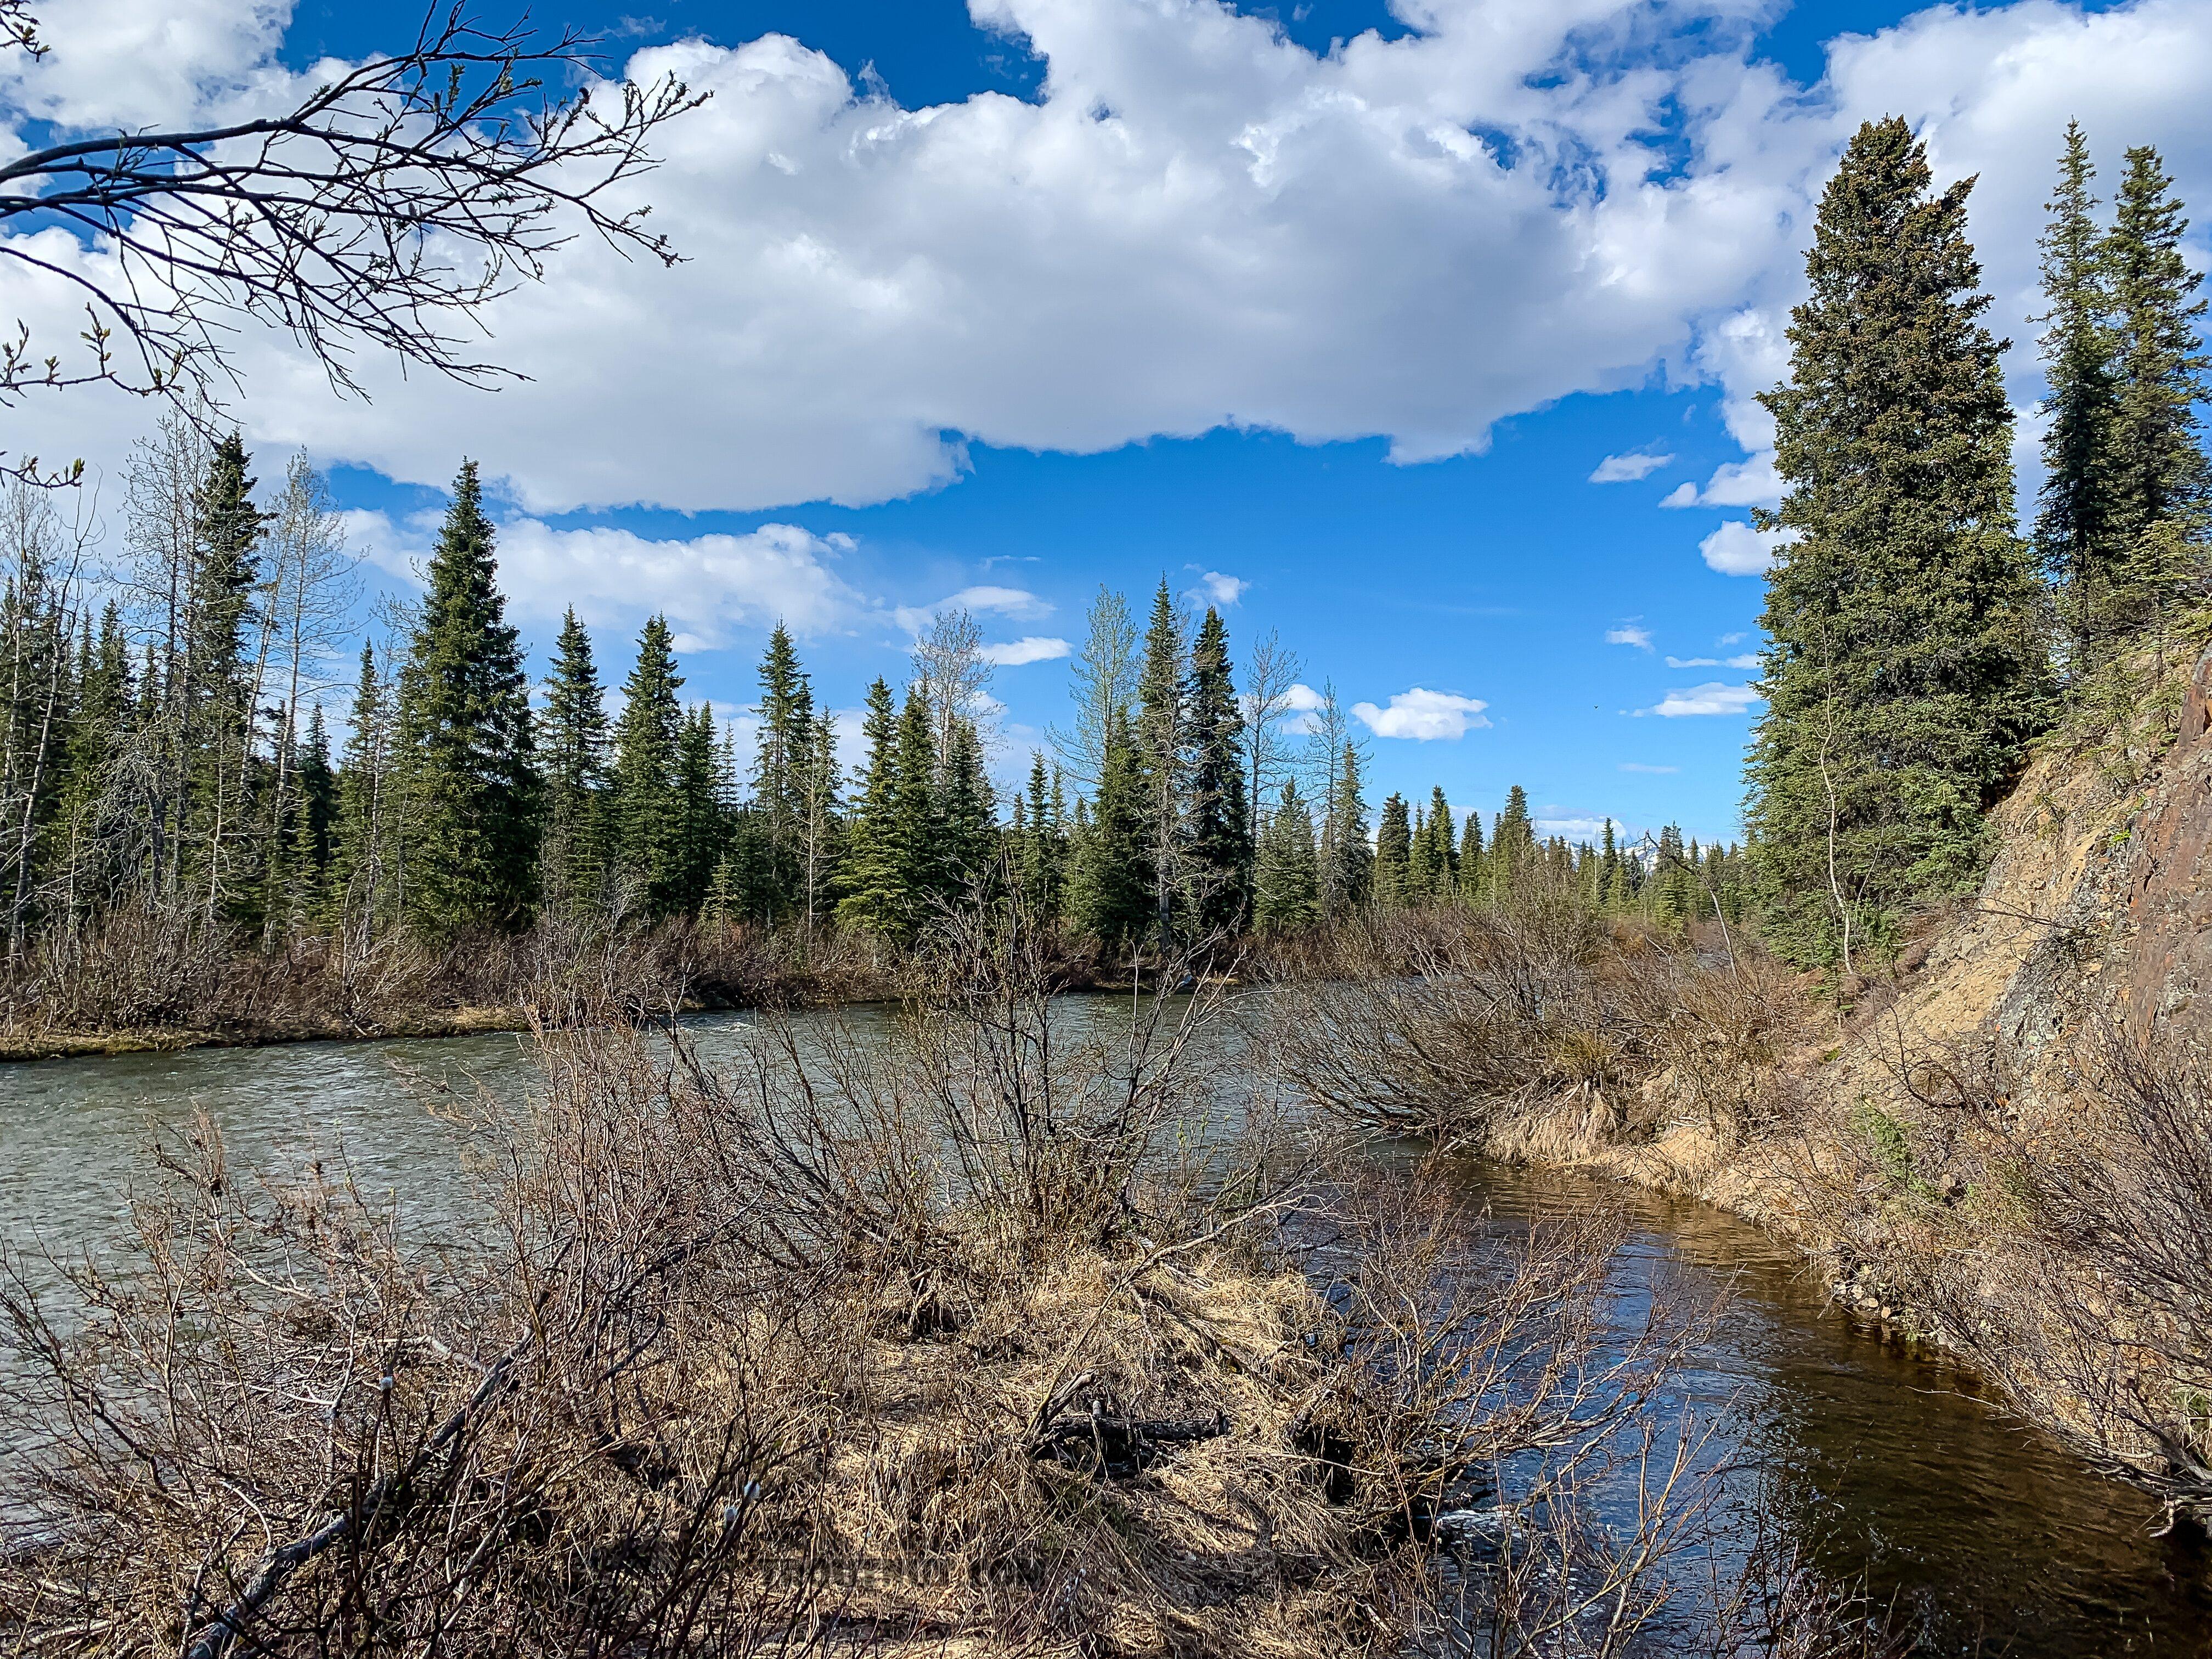 From Mystery Creek # 252 in Alaska.